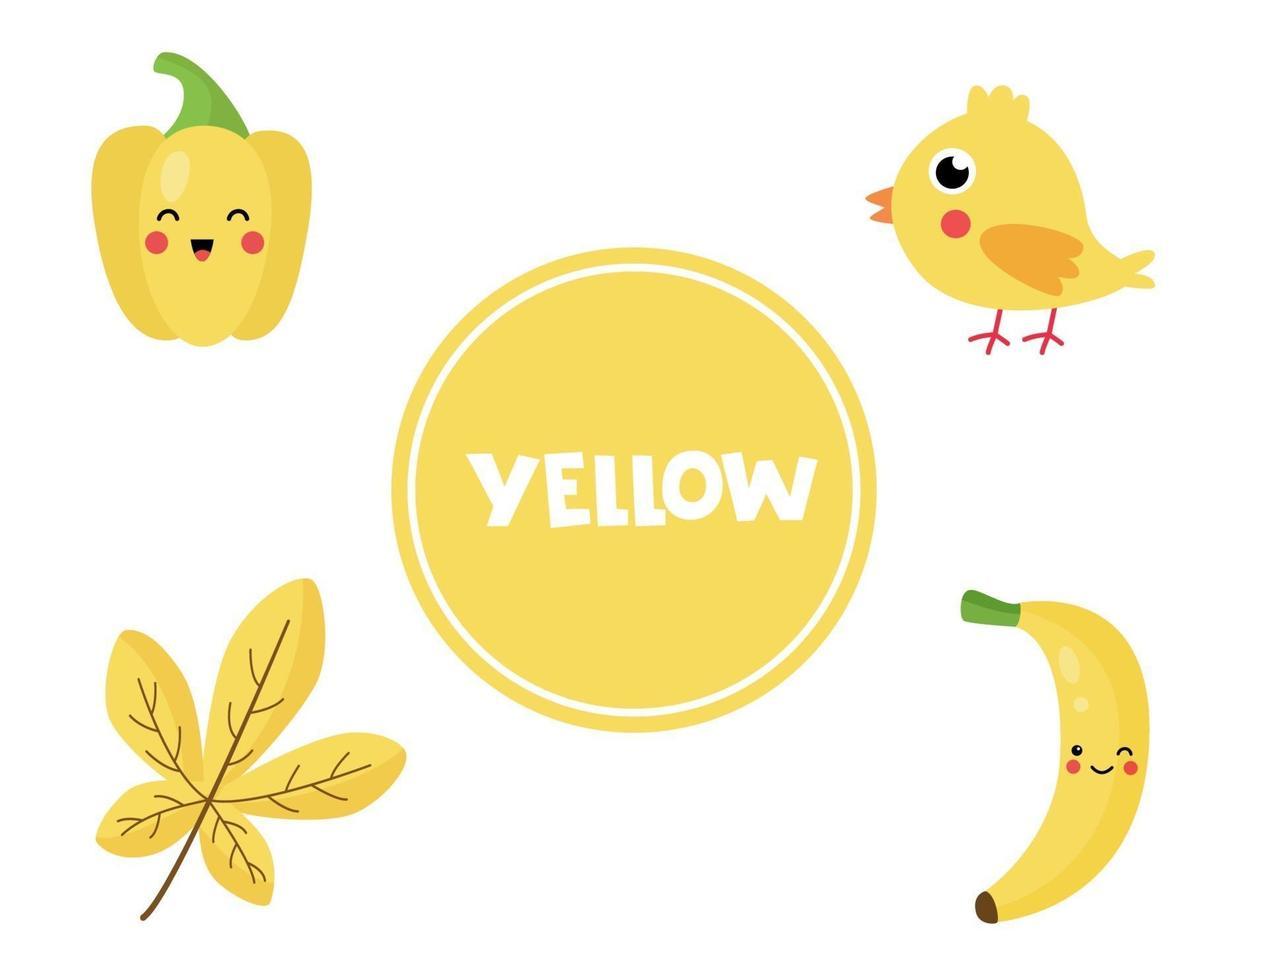 imparare il colore giallo per i bambini in età prescolare. foglio di lavoro educativo. vettore